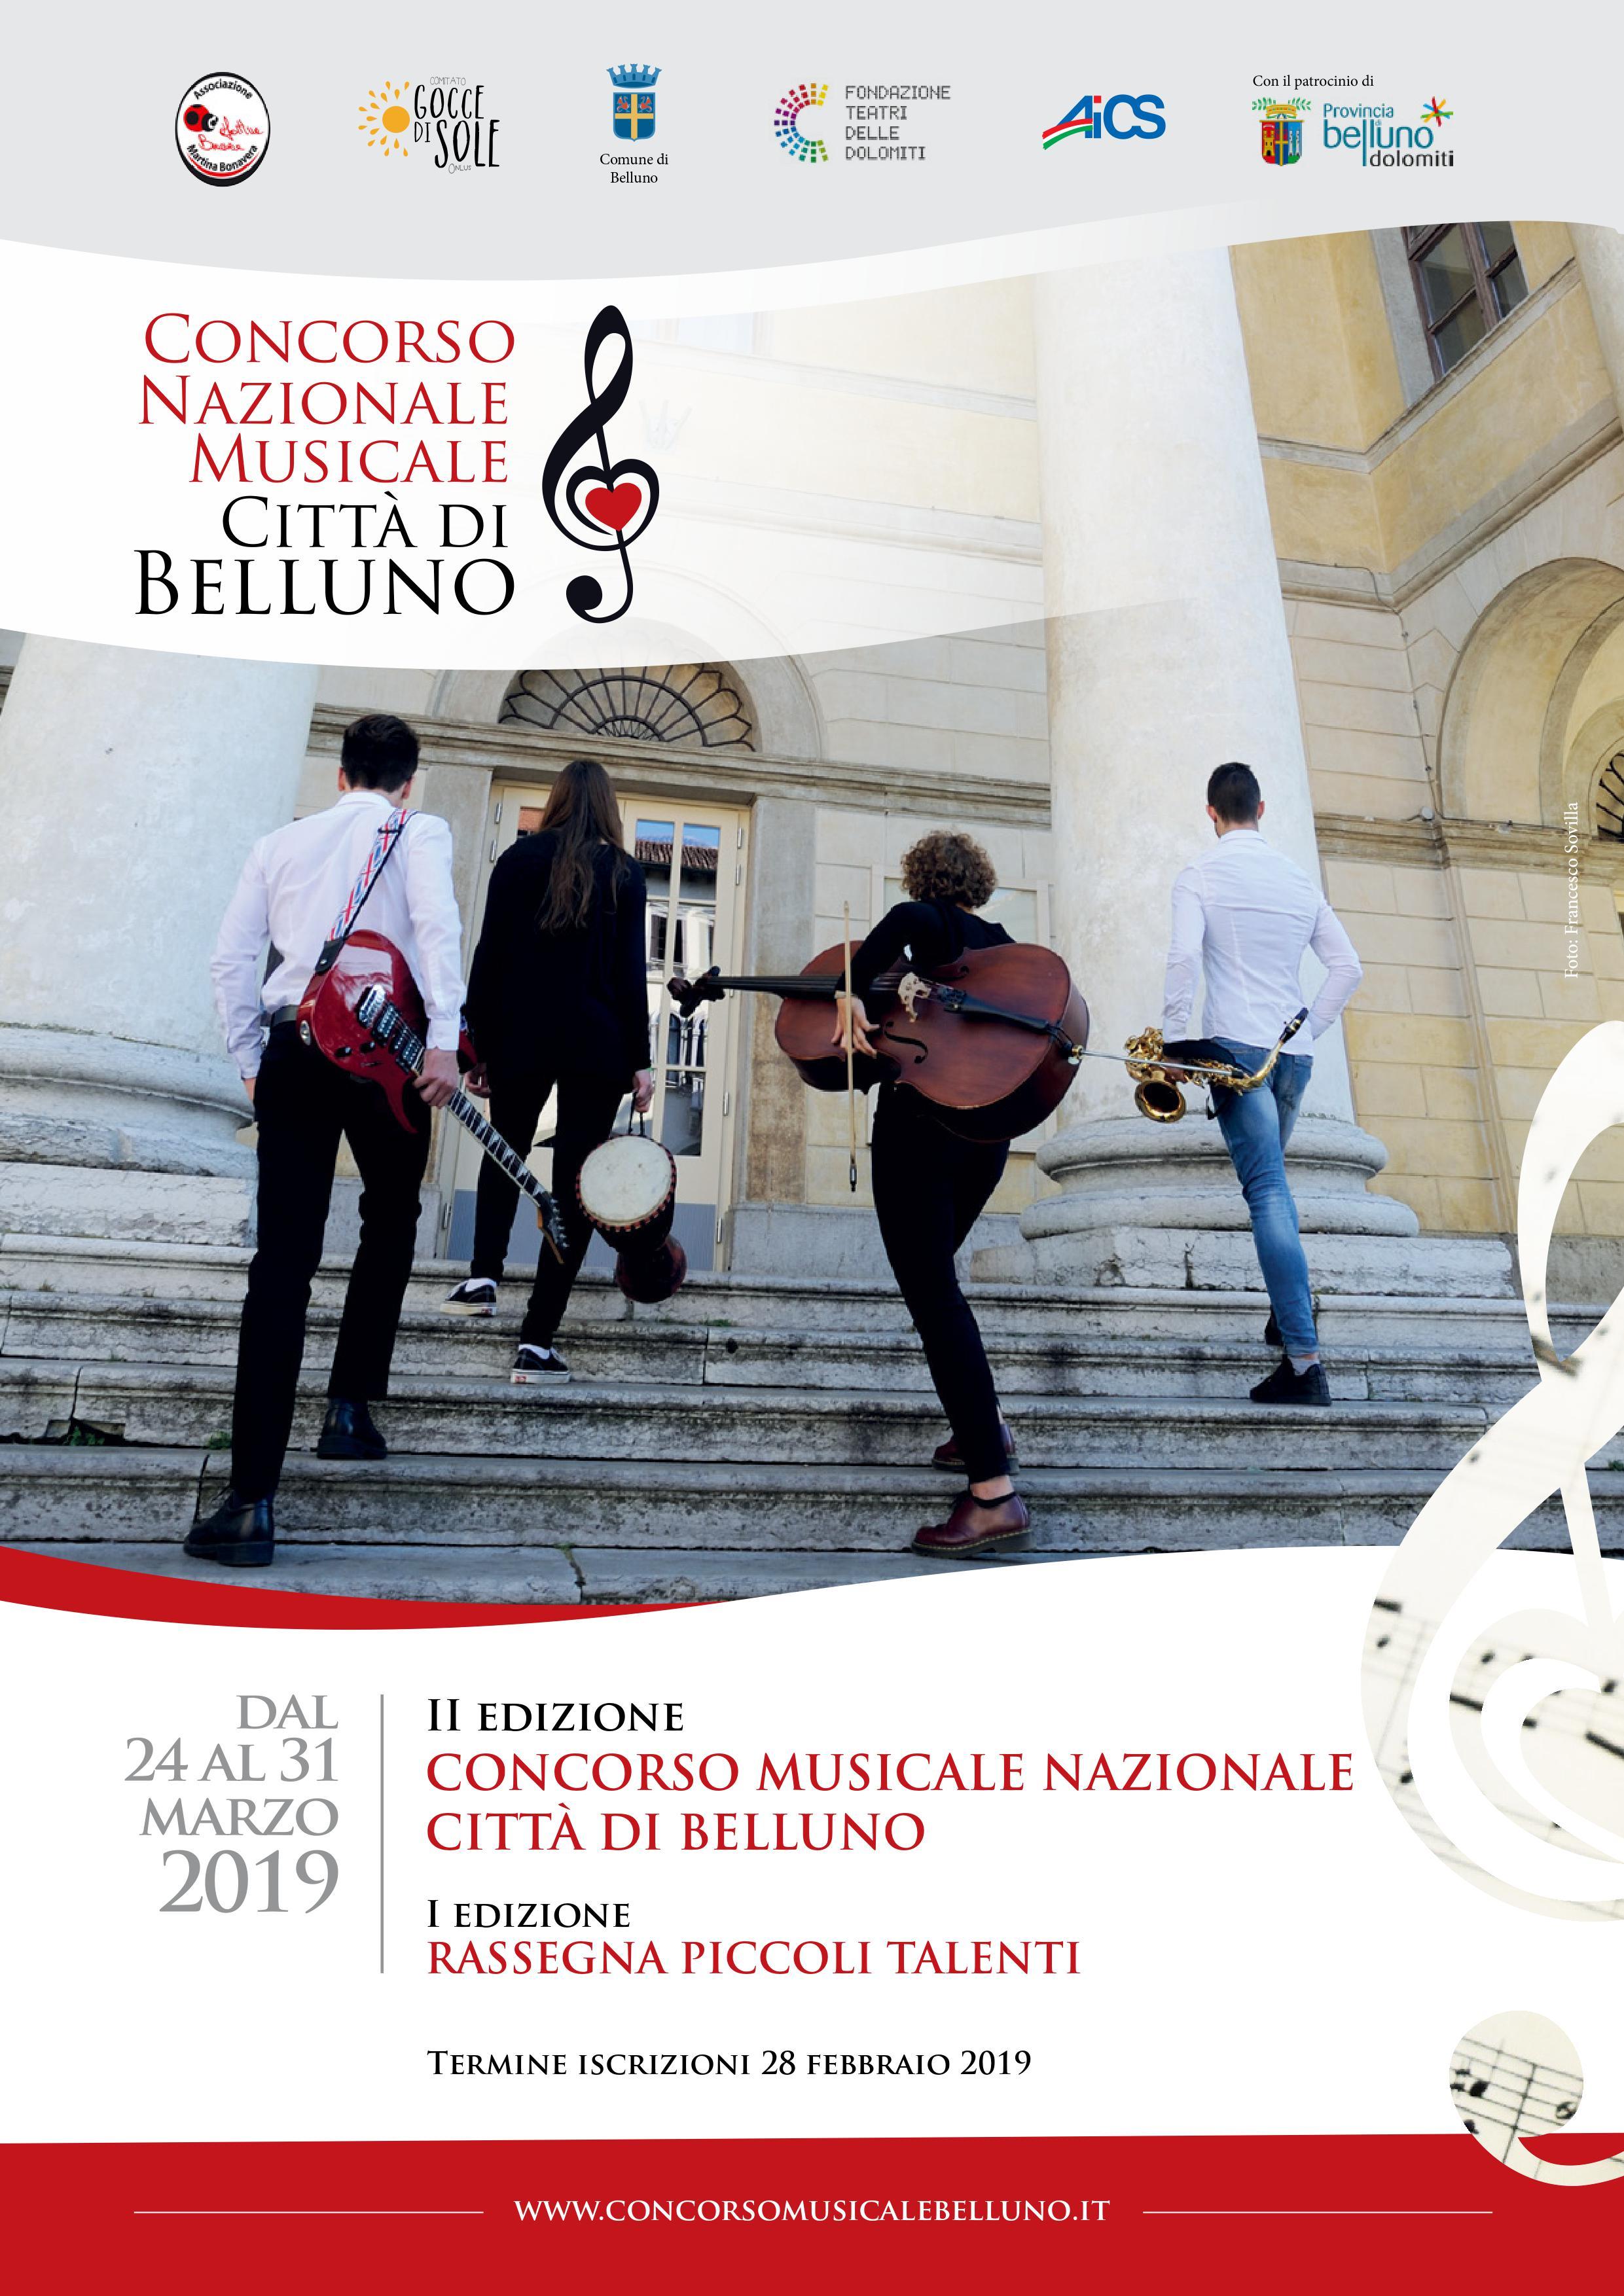 Concorso Musicale Città di Belluno 2019